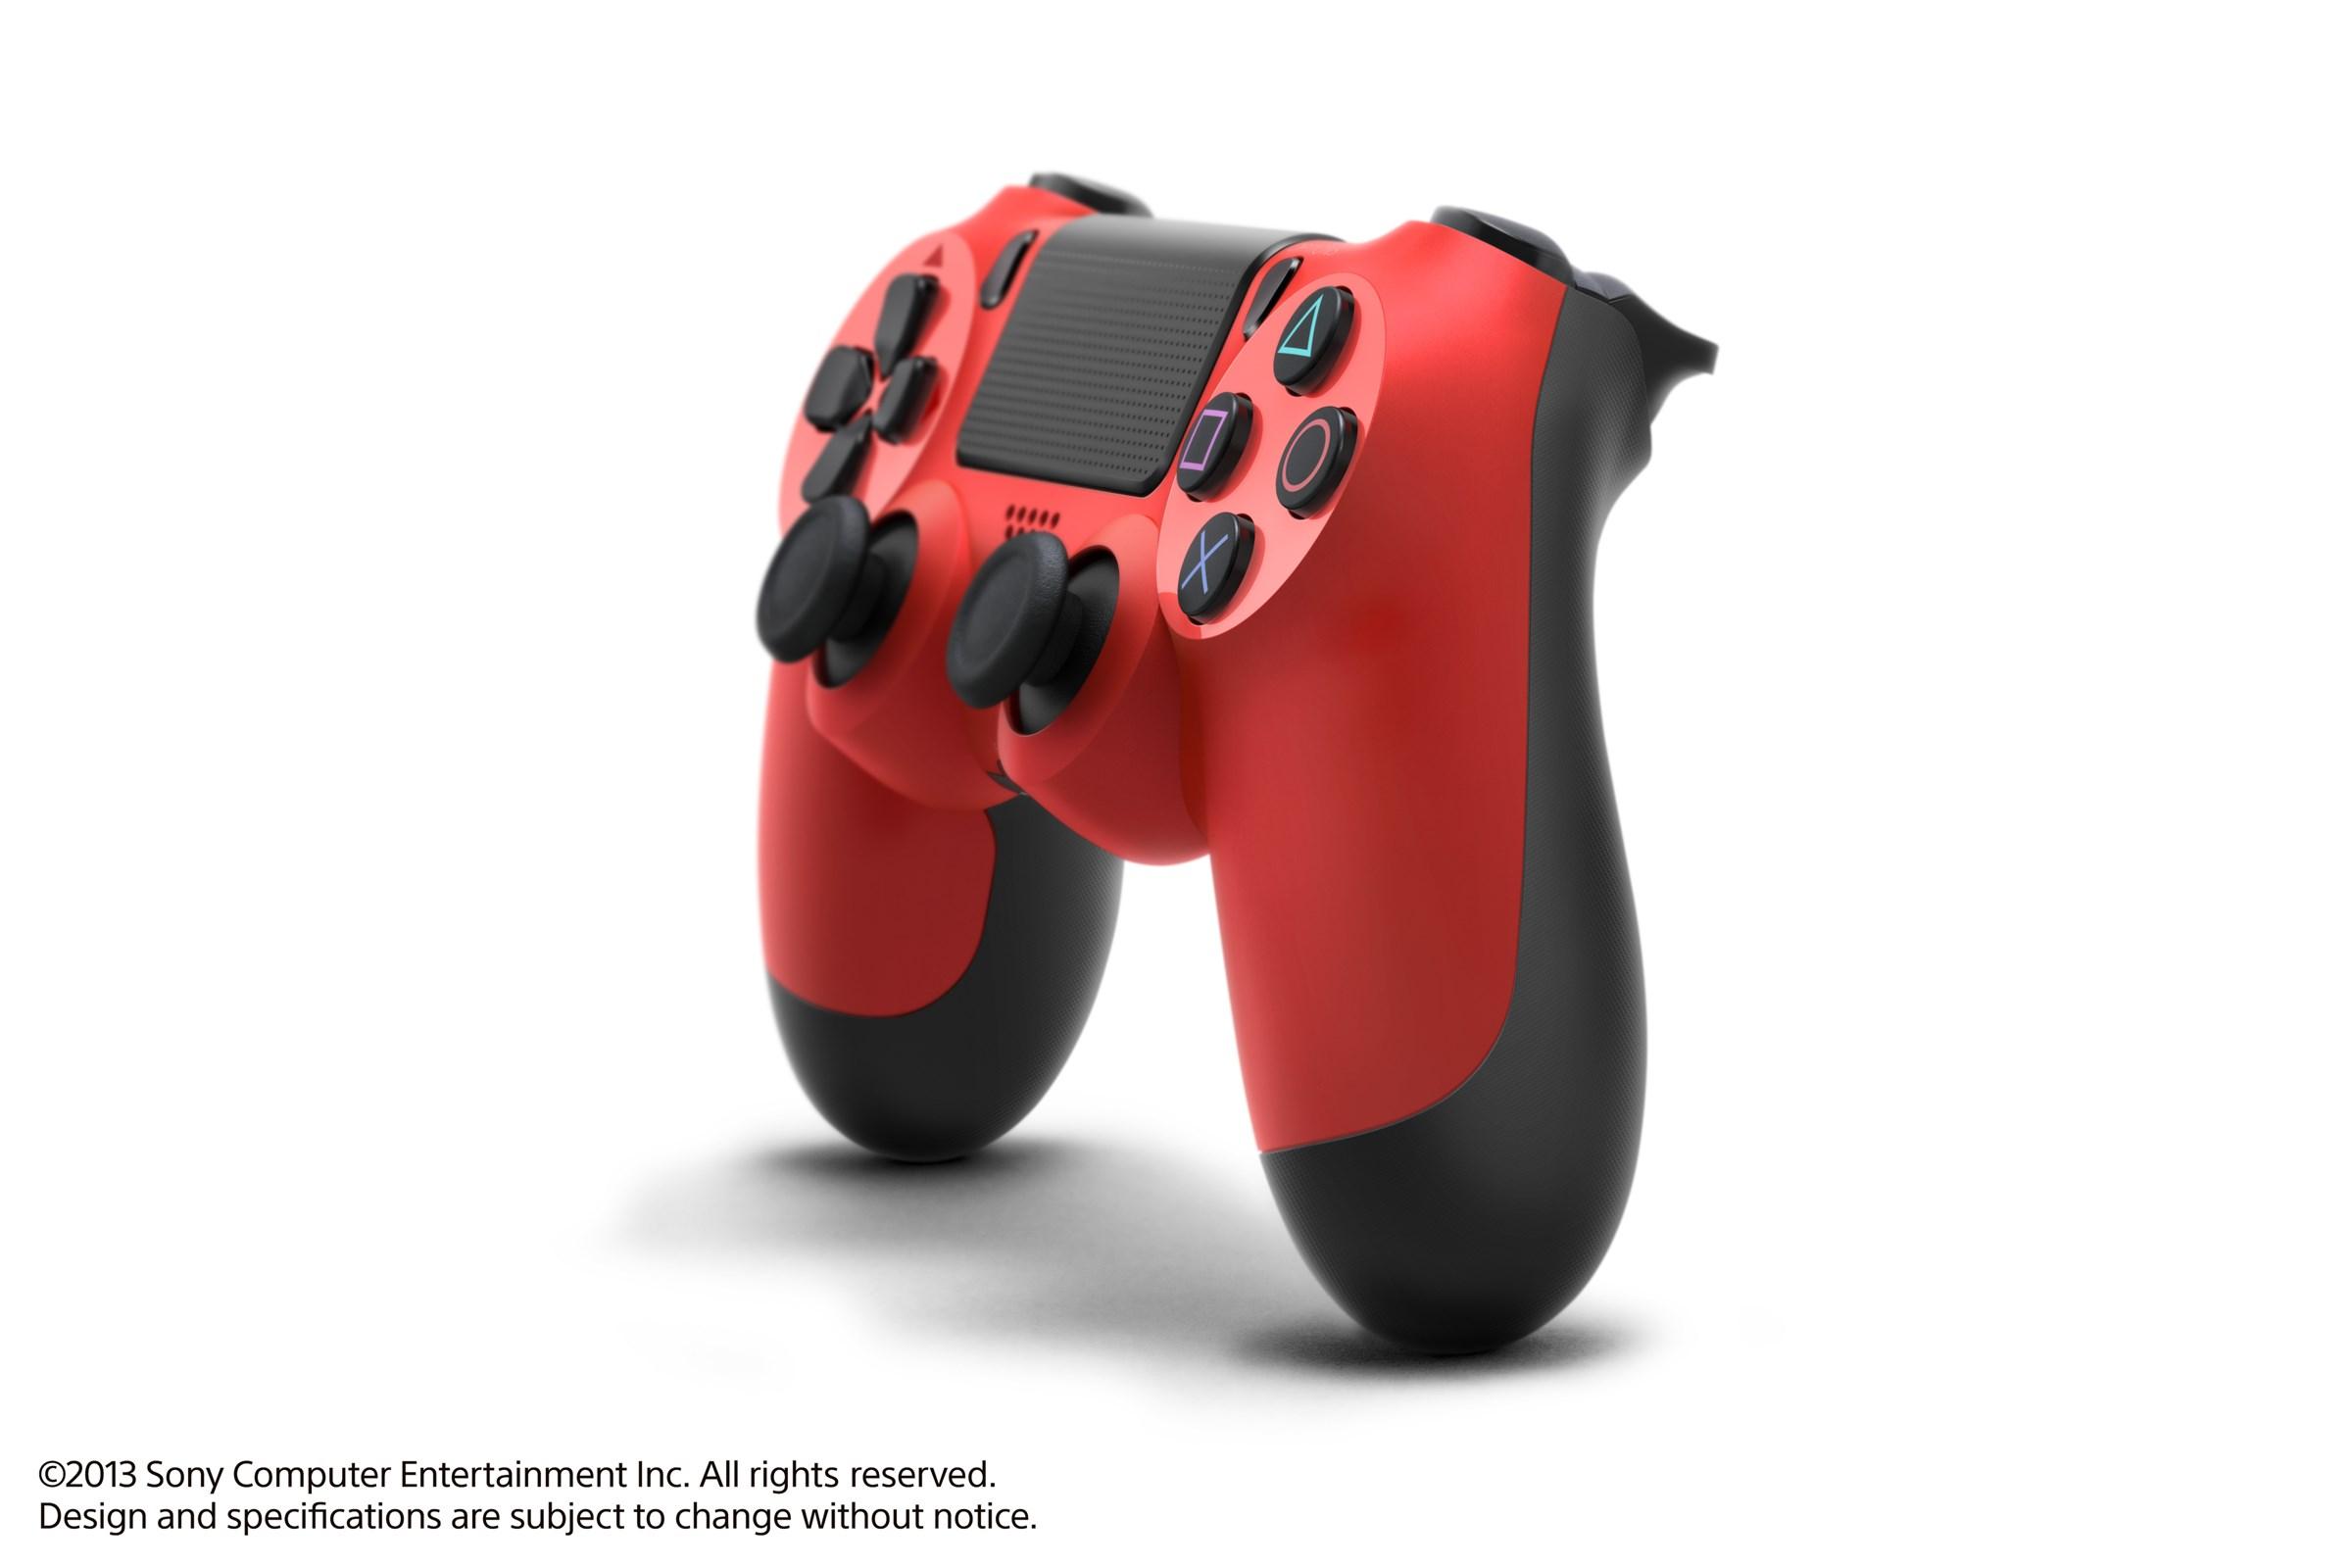 Modrá a červená varianta DualShocku 4 86422